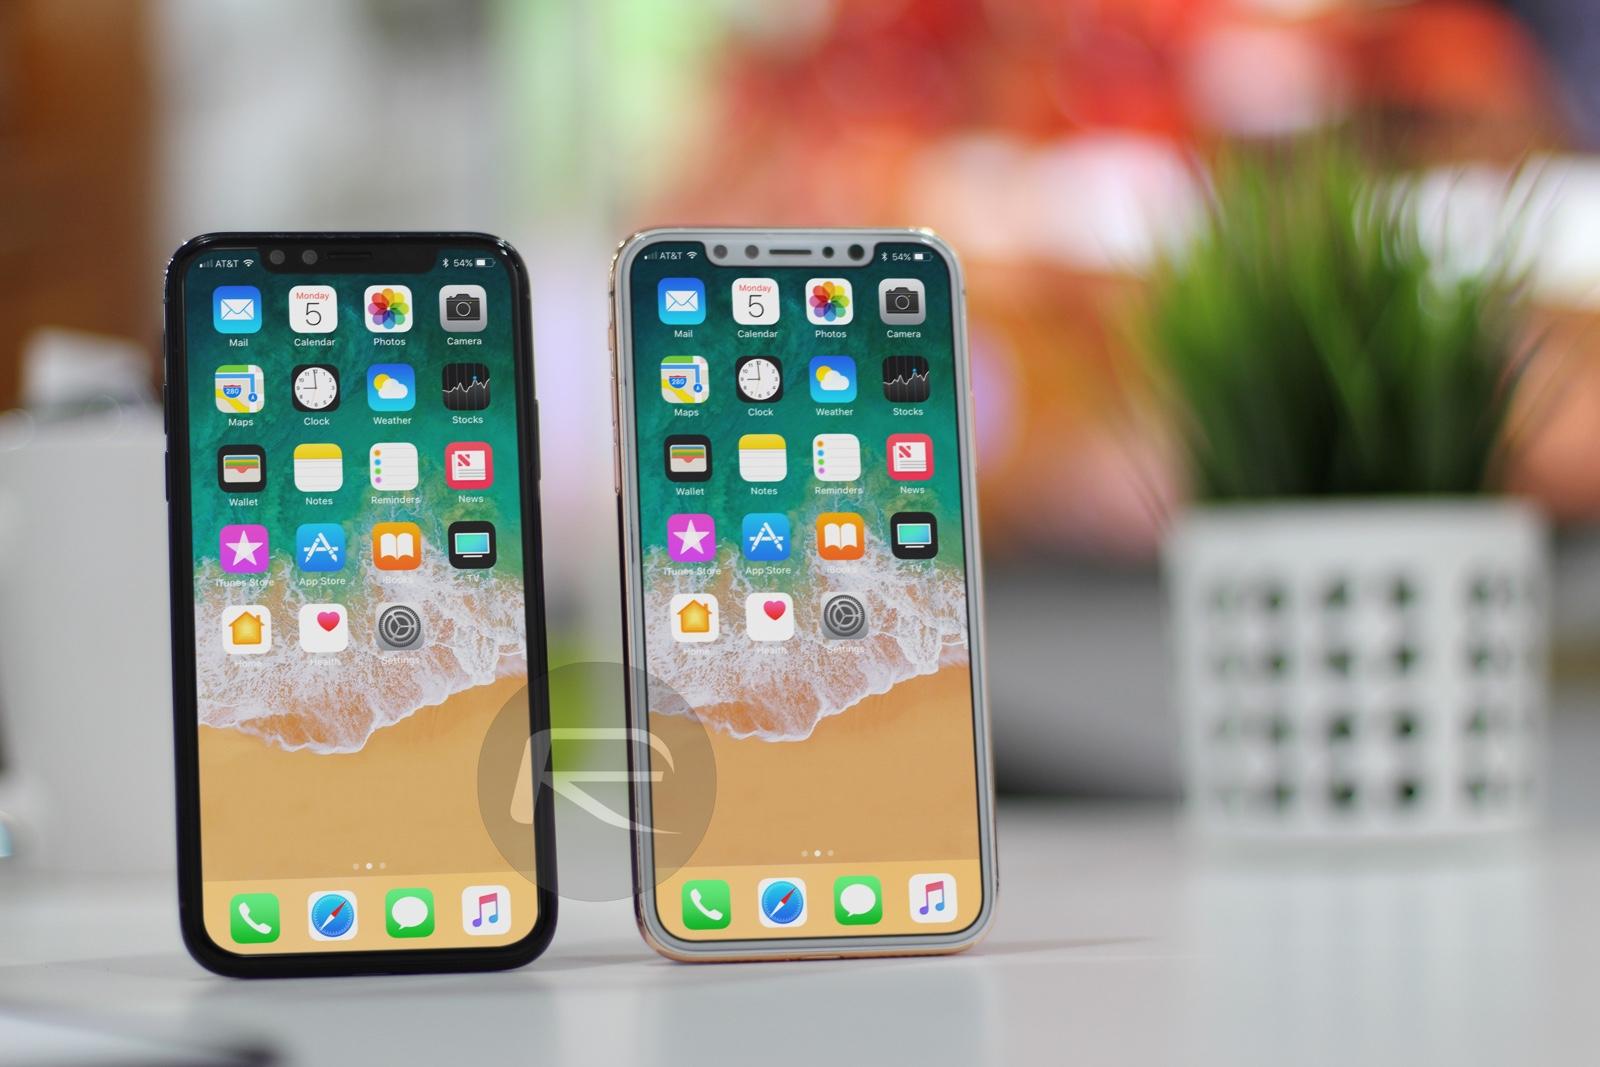 iPhone 8/Xのデザインはこんな感じ?全67枚のモックアップ写真が登場